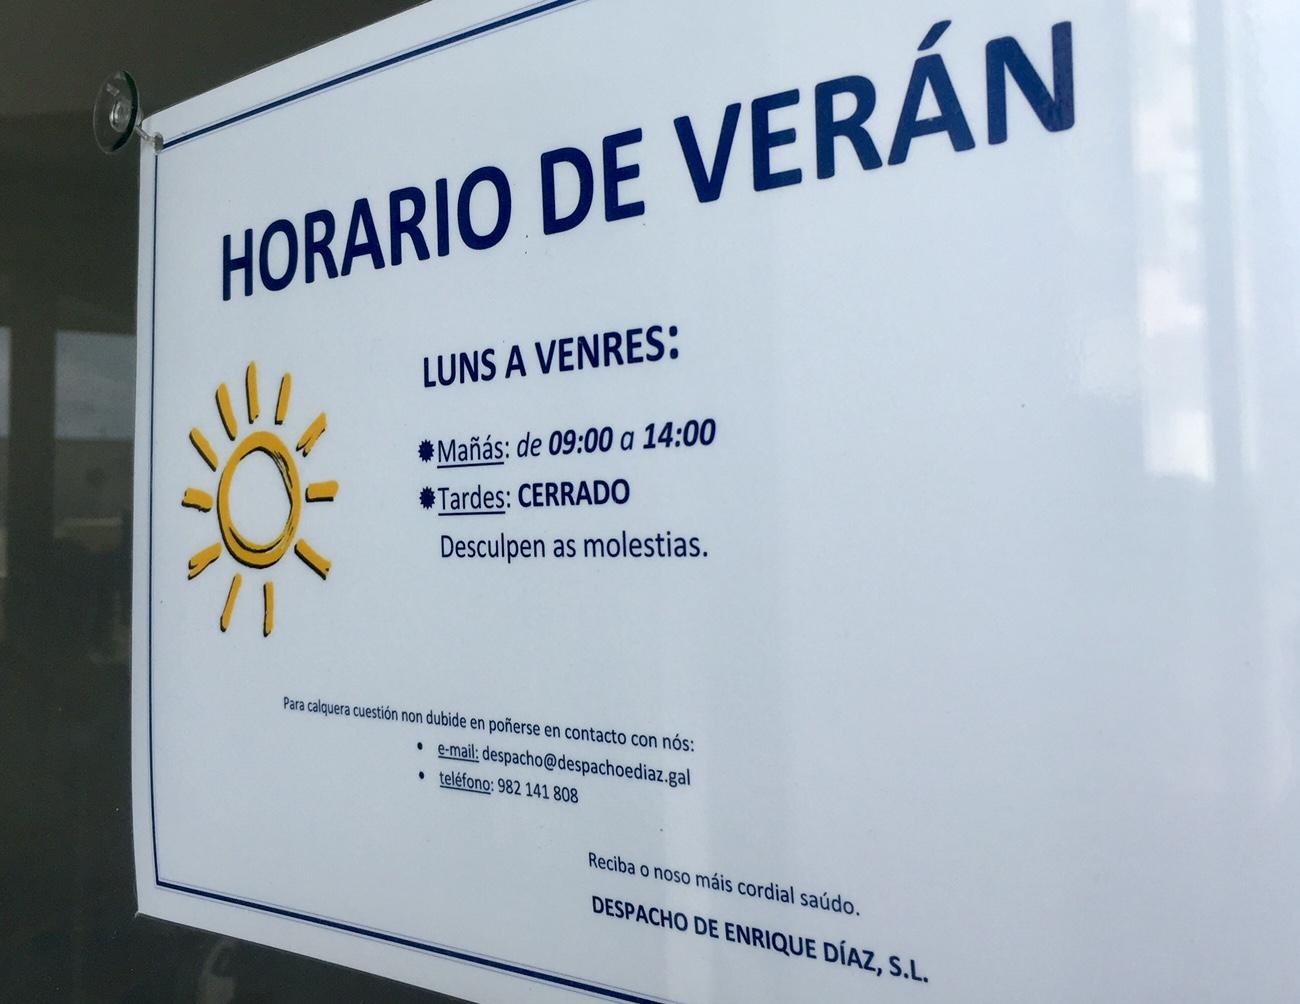 Horario de verán | Despacho Enrique Díaz